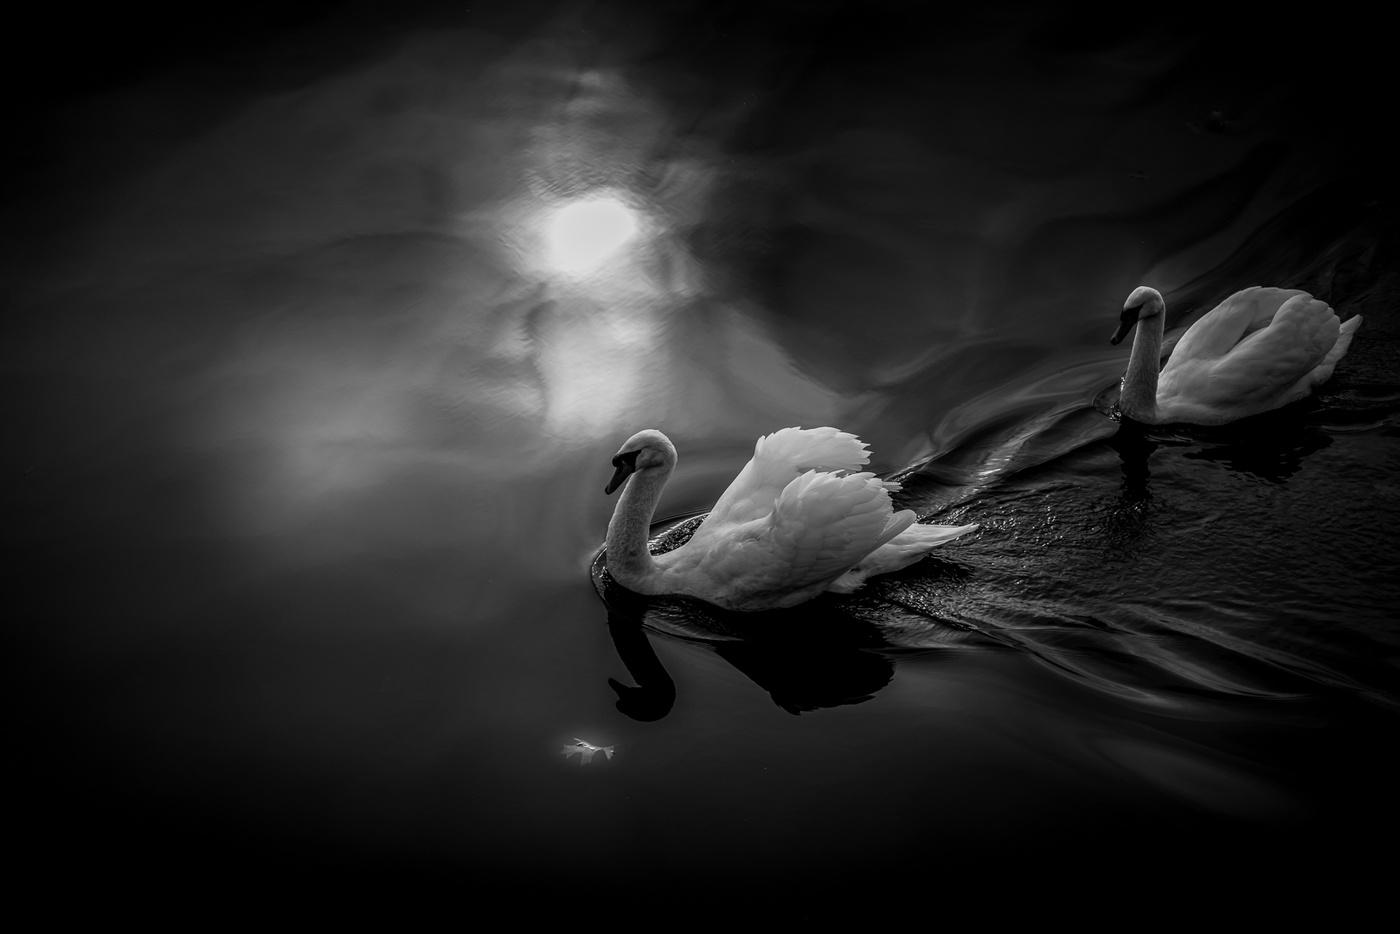 Swans in Moonlight by Eckhardt Kriel